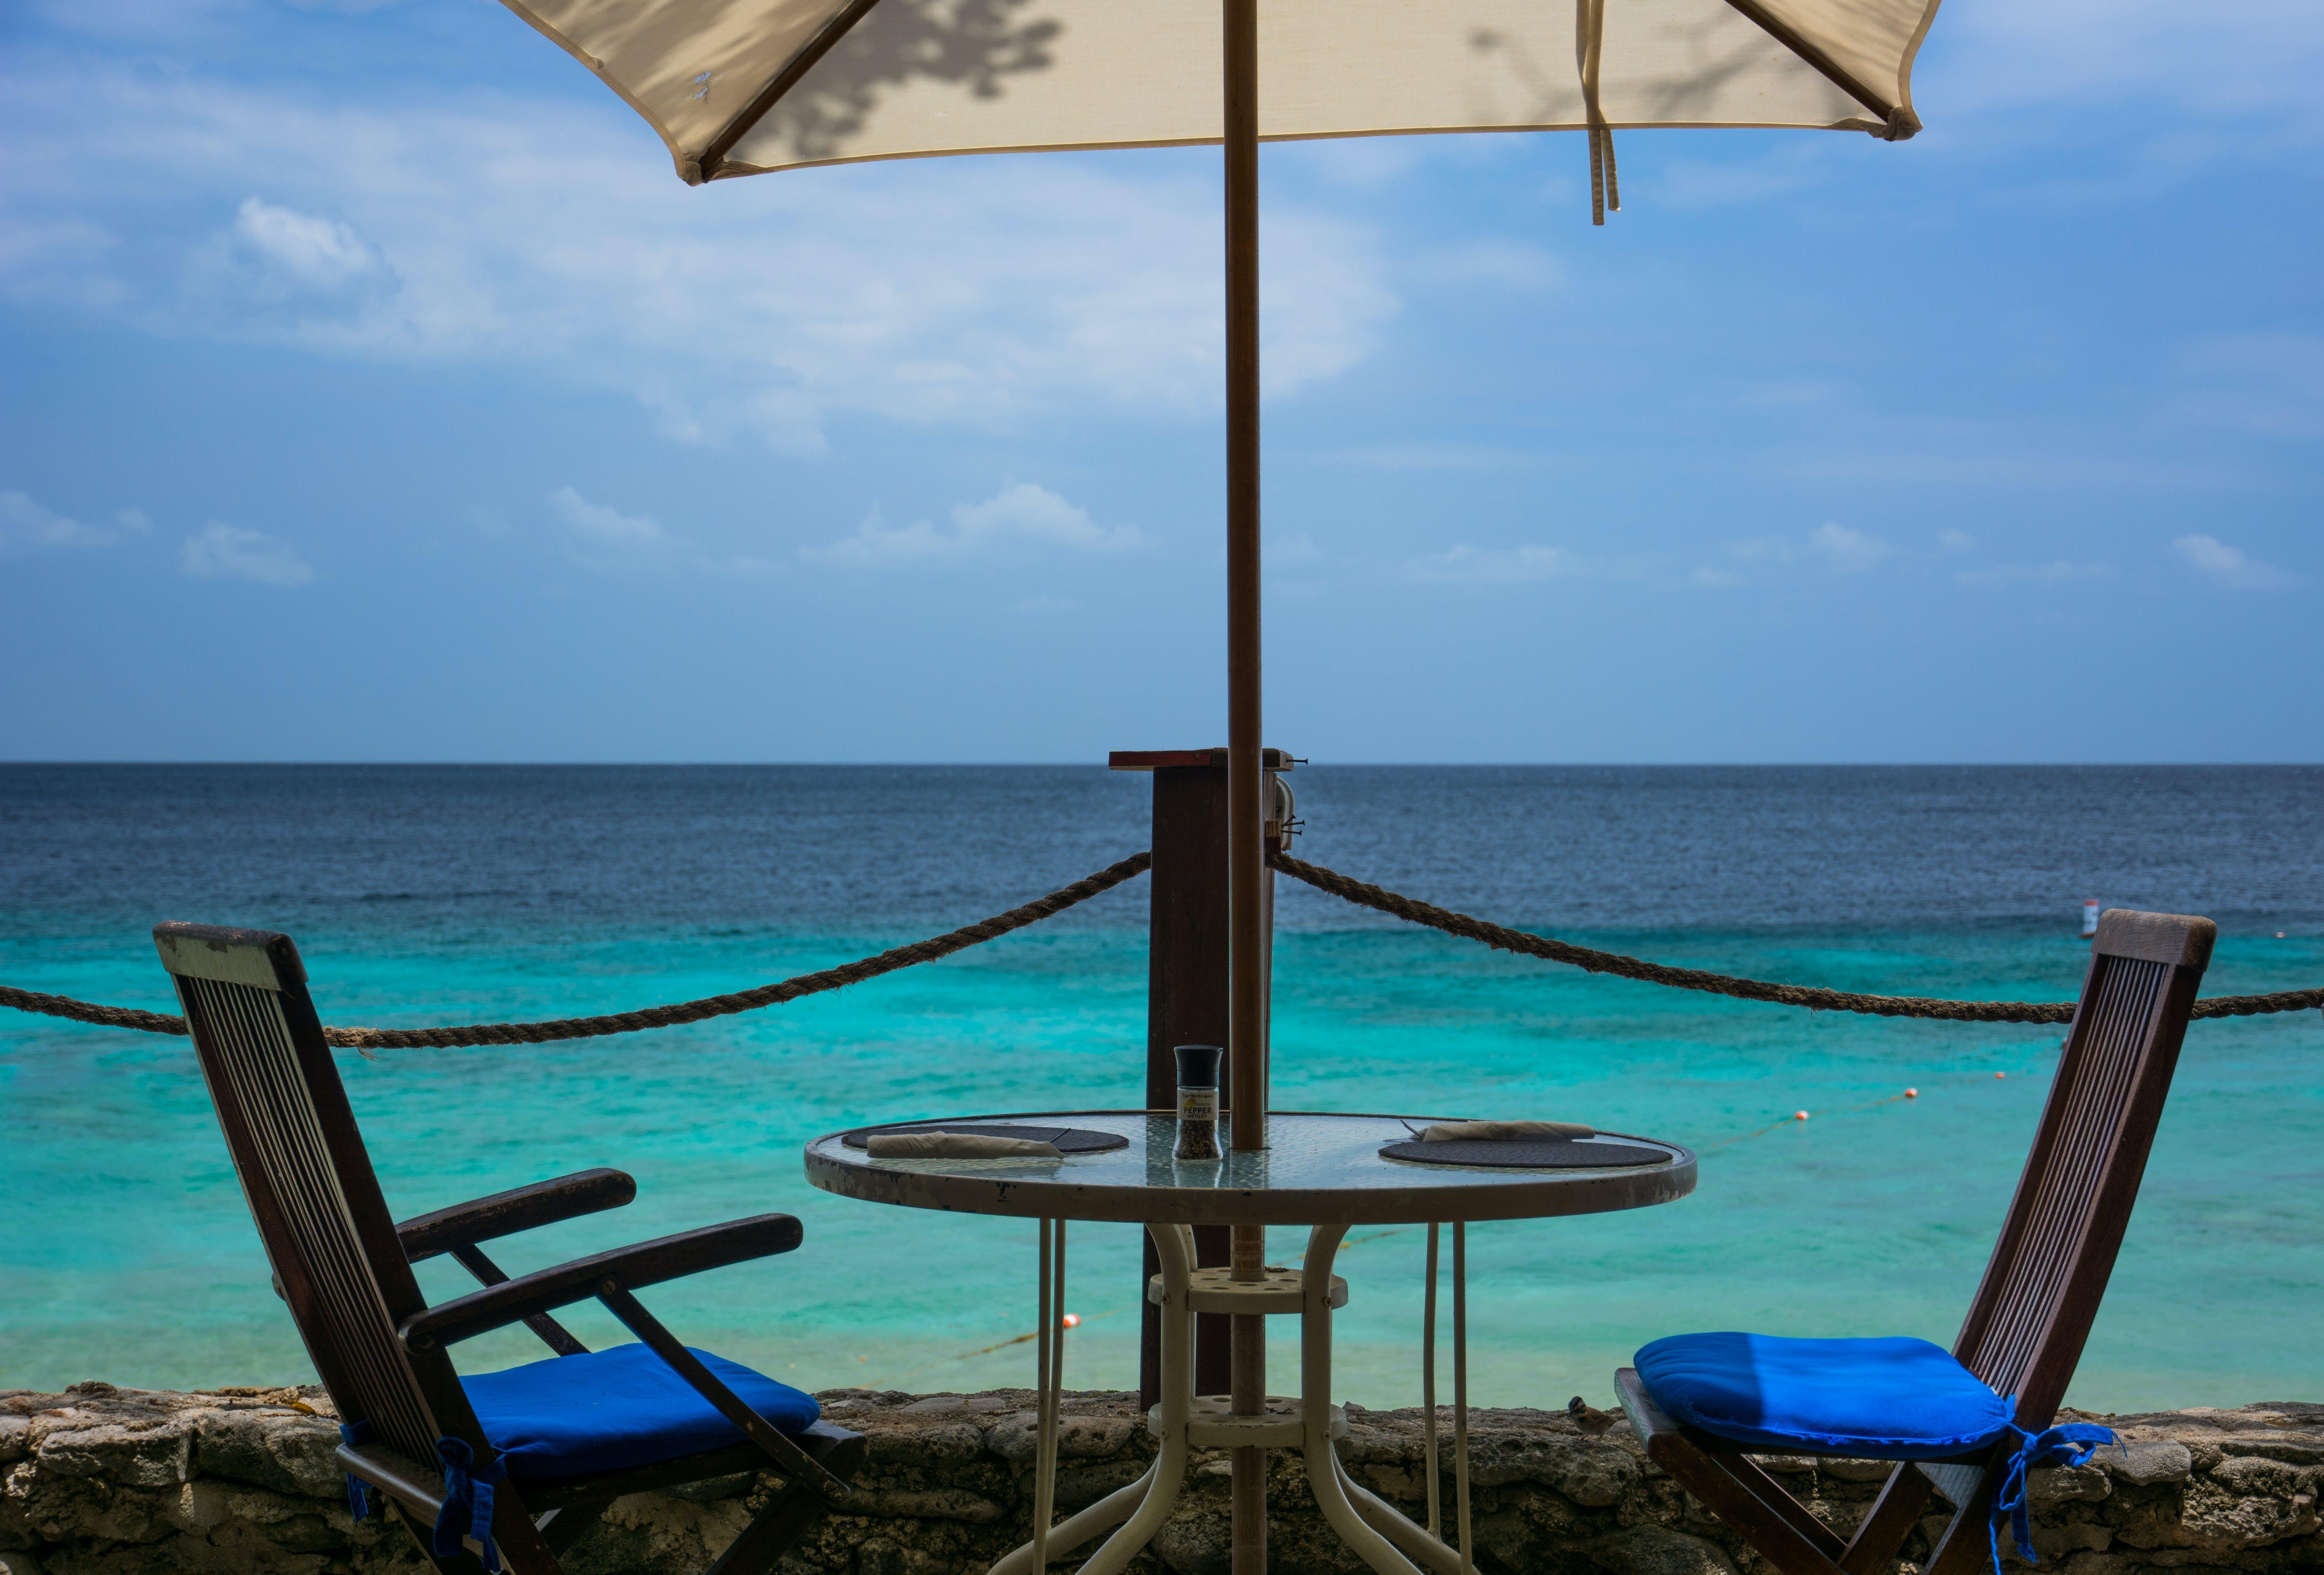 Gratis lagerfoto af ferie, hav, parasol, pladser